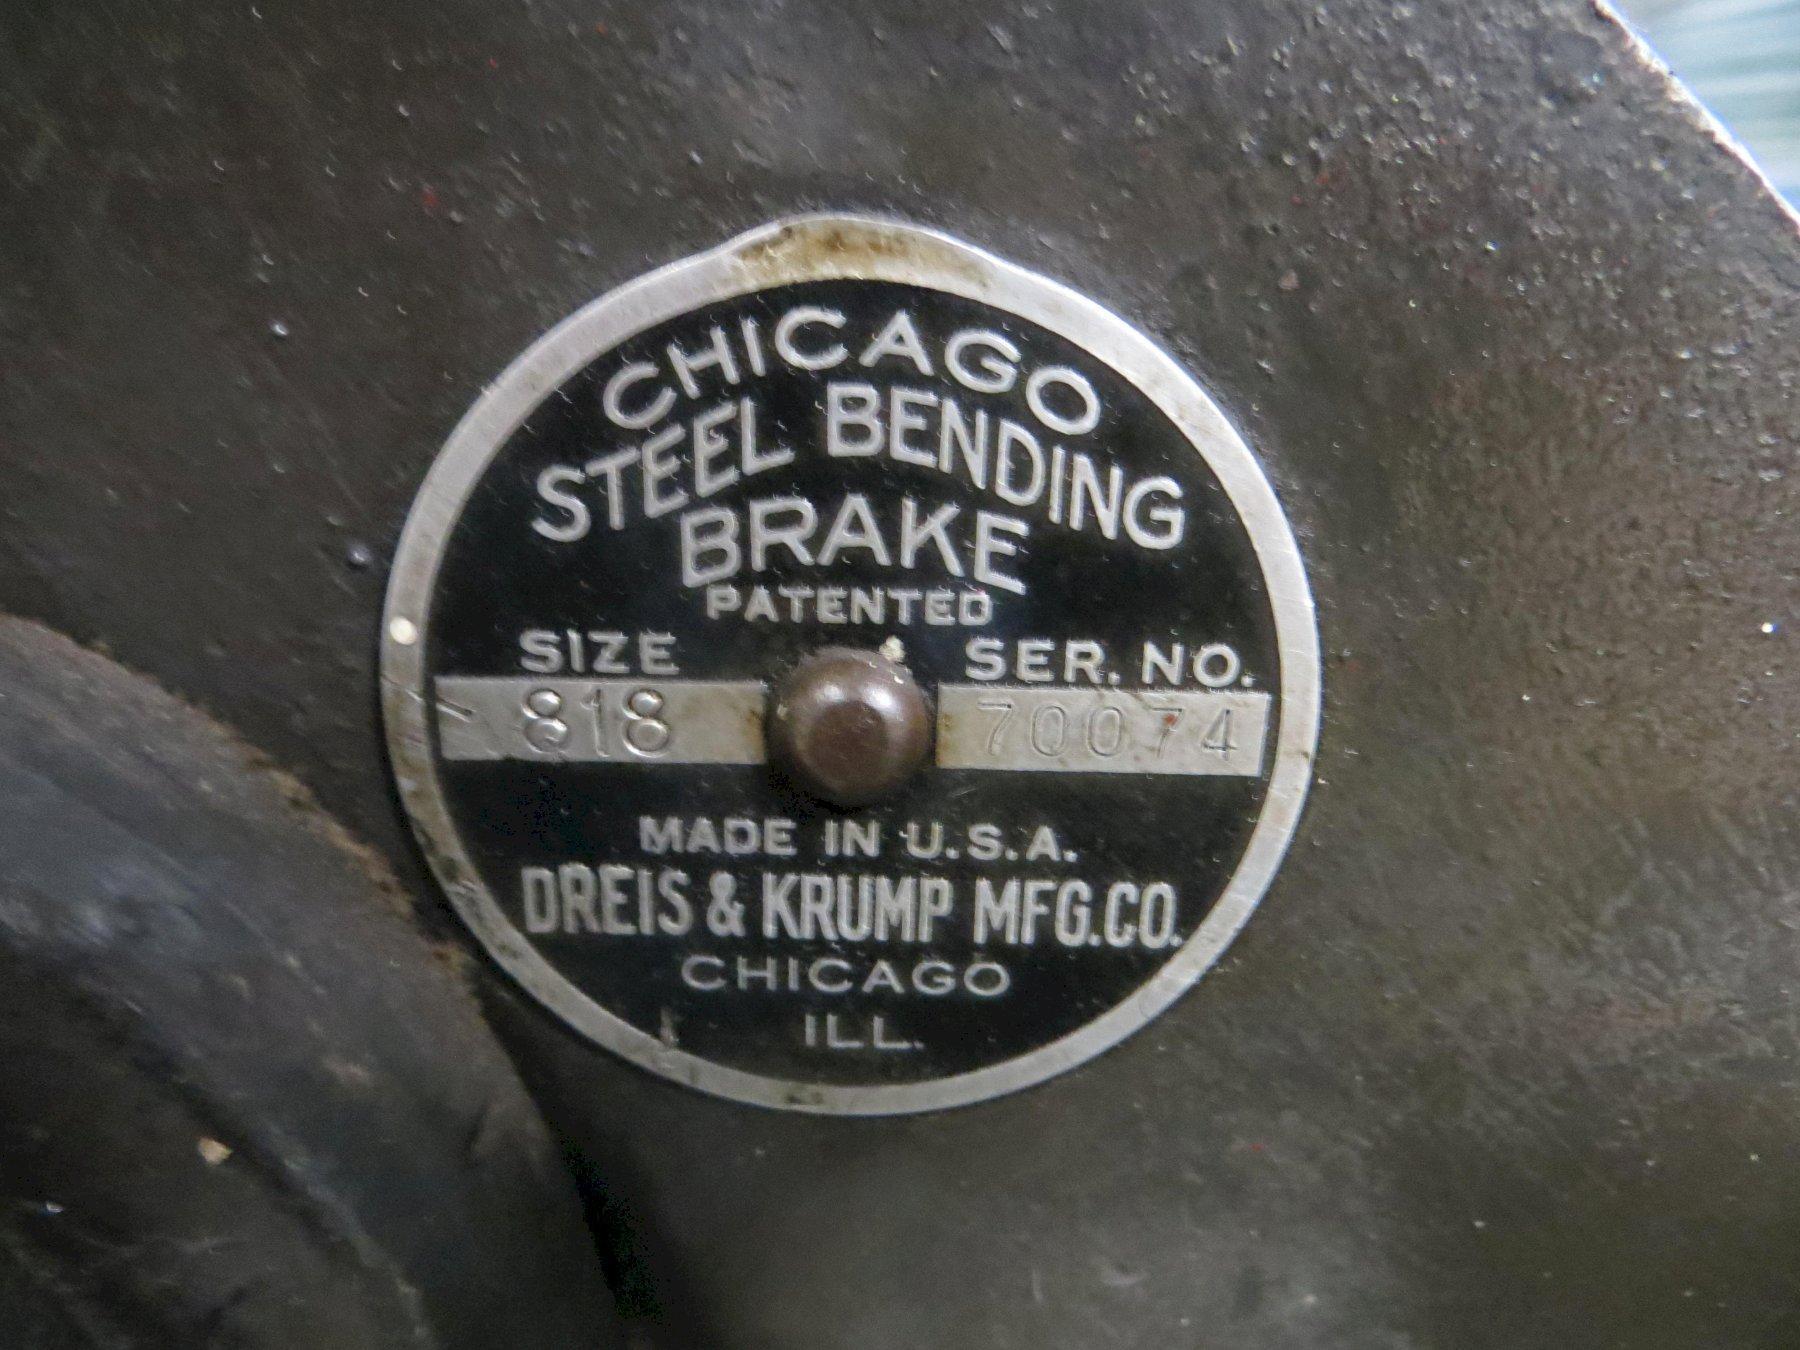 18 Ga x 8 ft Chicago Hand Brake Model 818